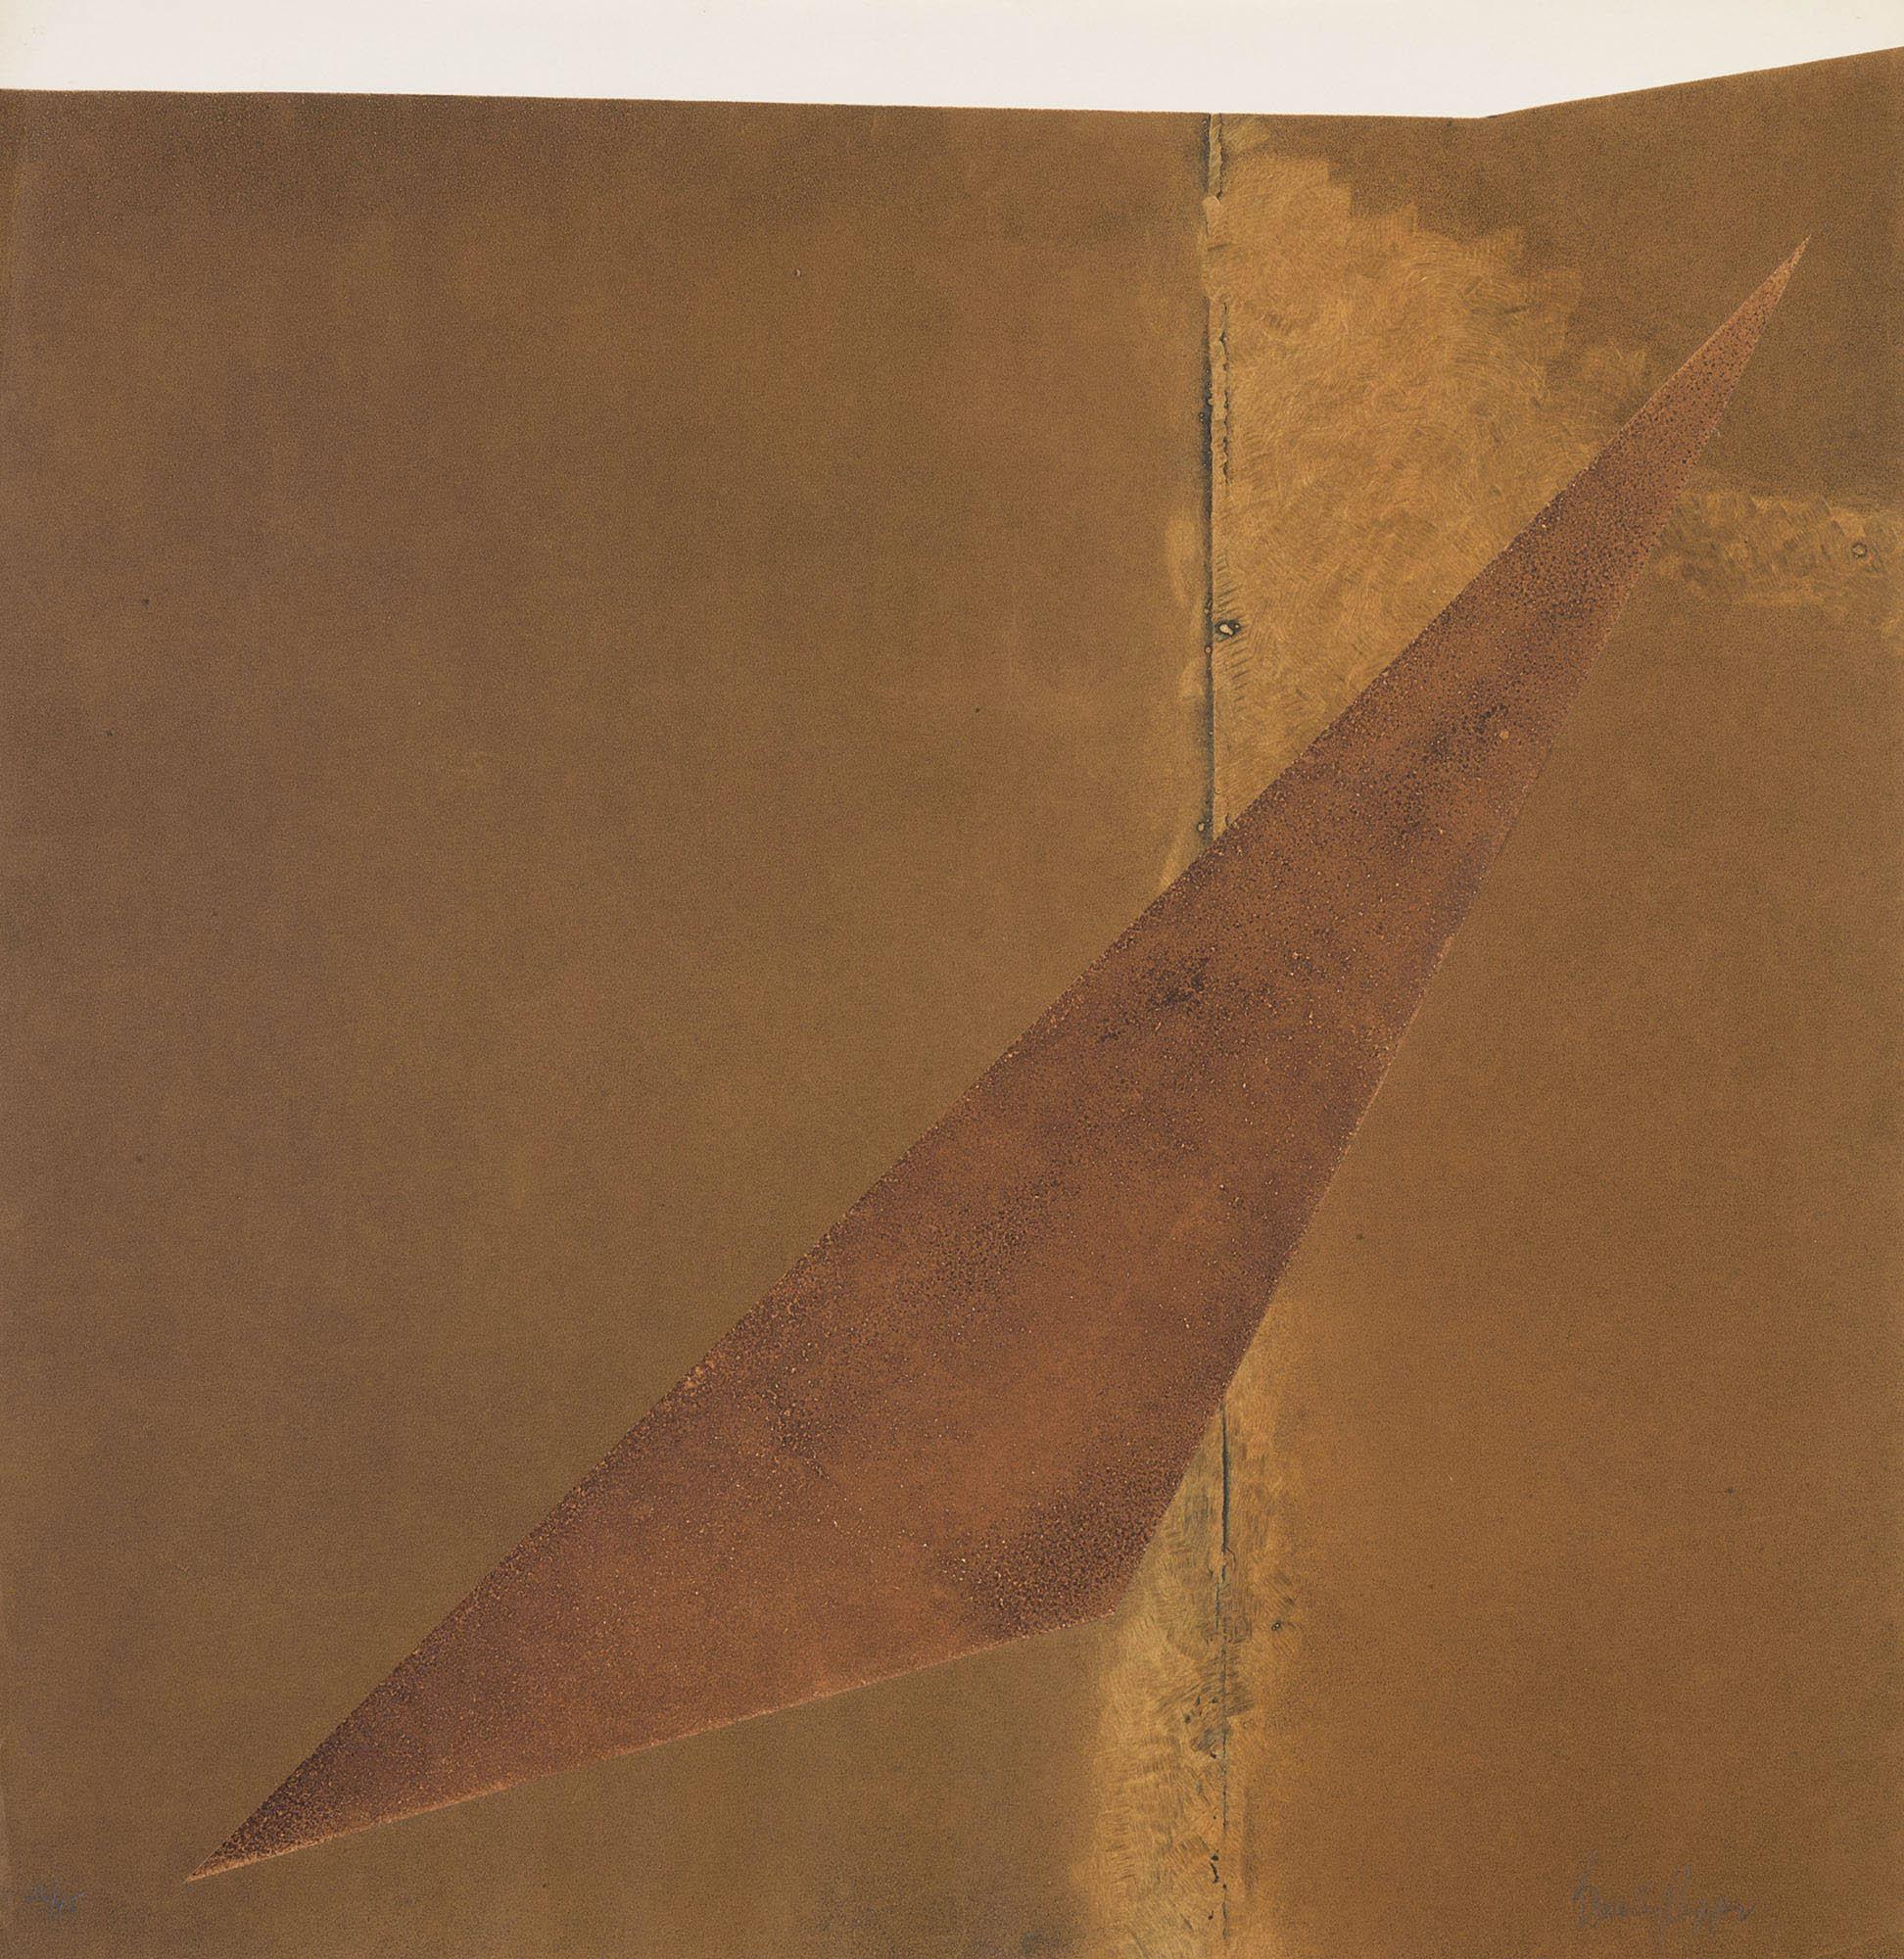 Senza titolo, 1975